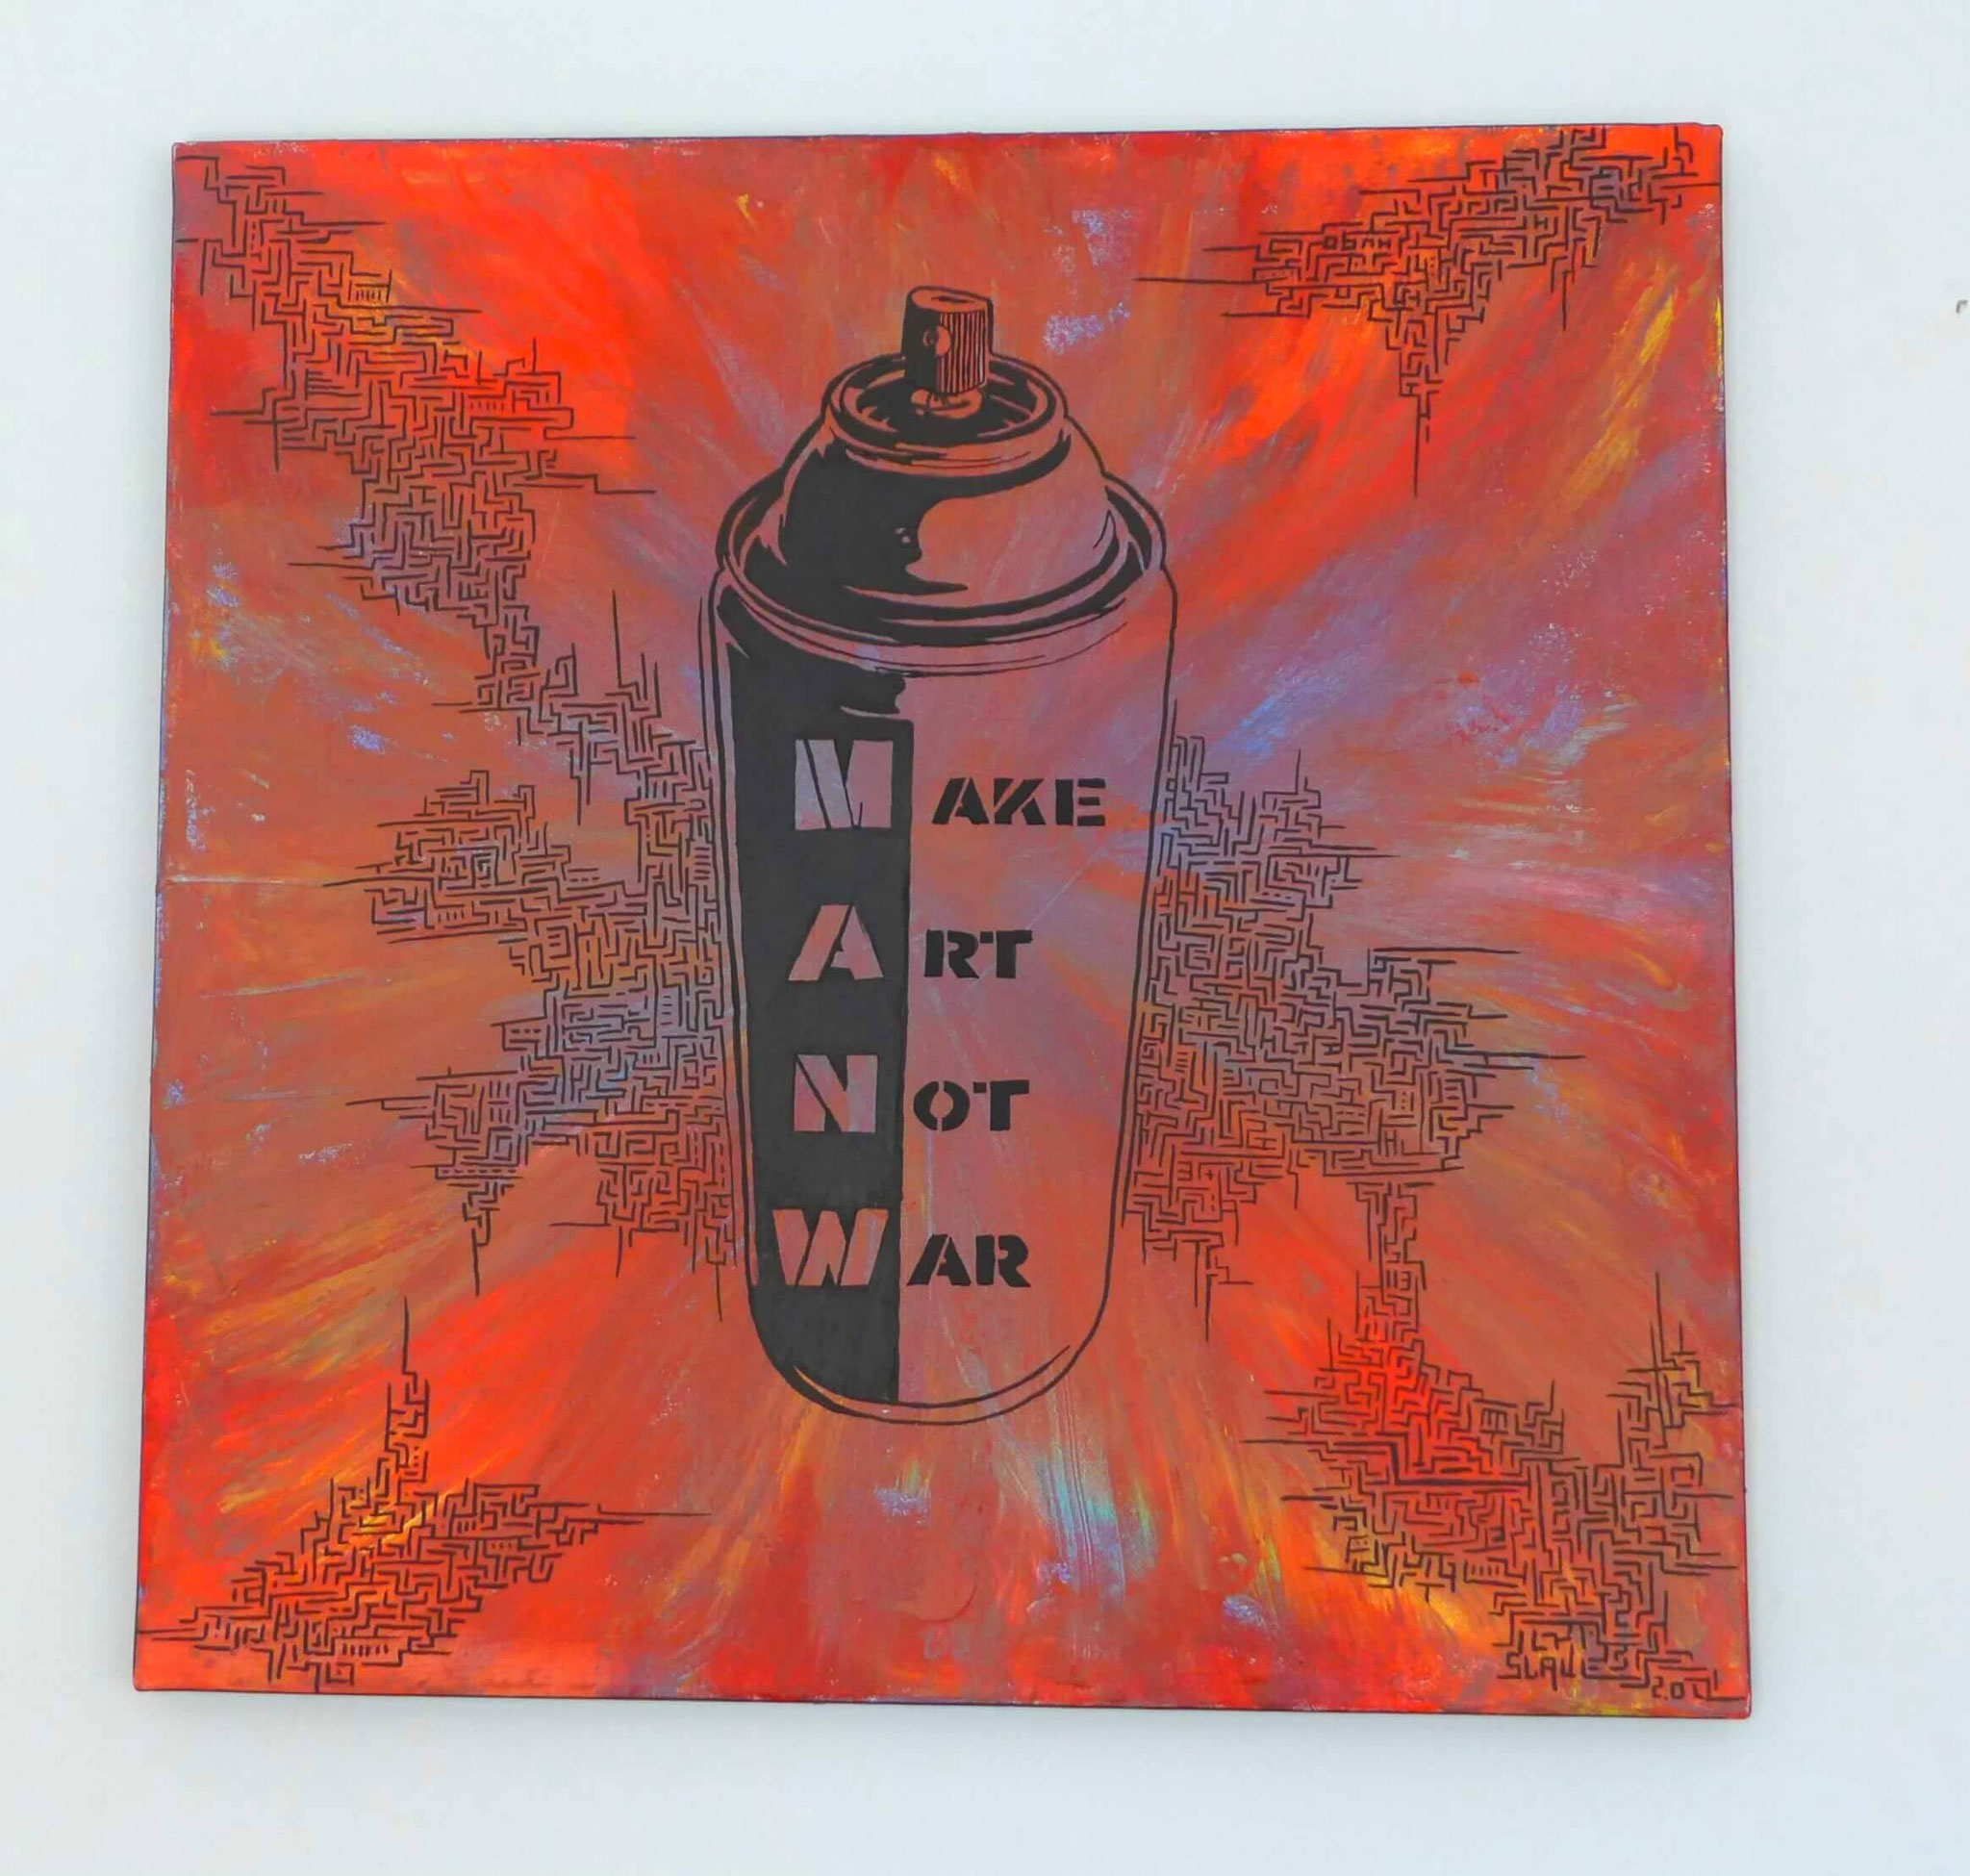 achat tableau street art - Make art not war - slave 2.0